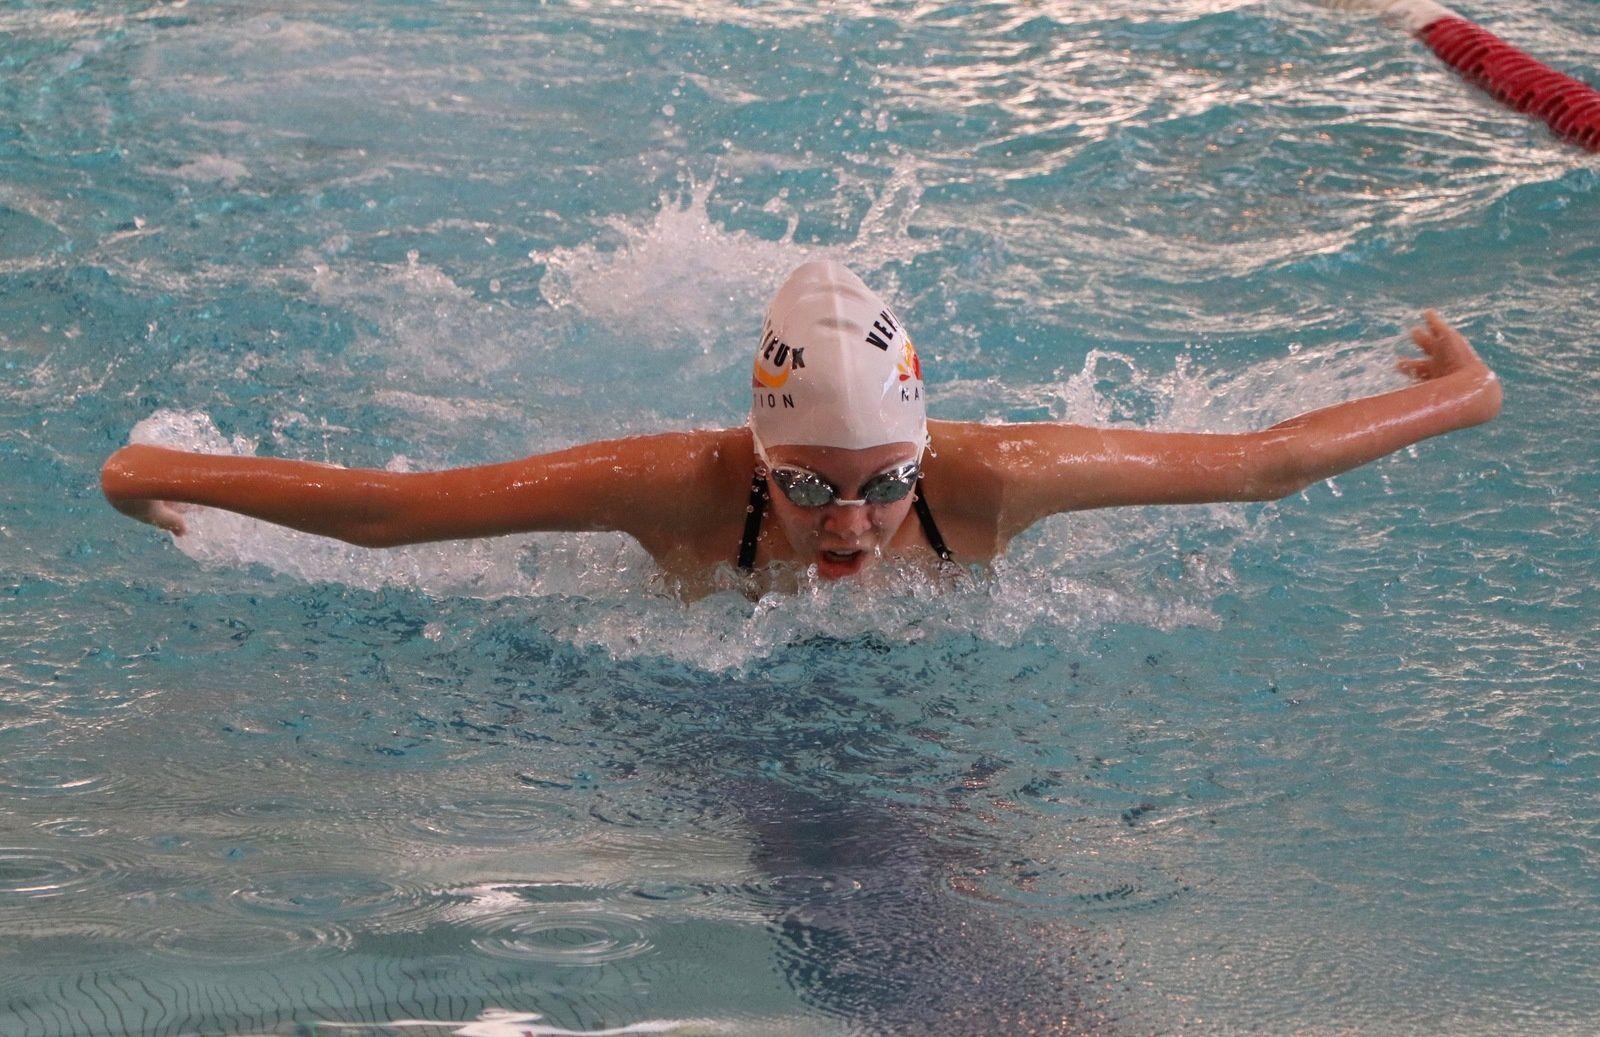 175 nageurs ont participé à la traditionnelle Coupe de la ville de natation